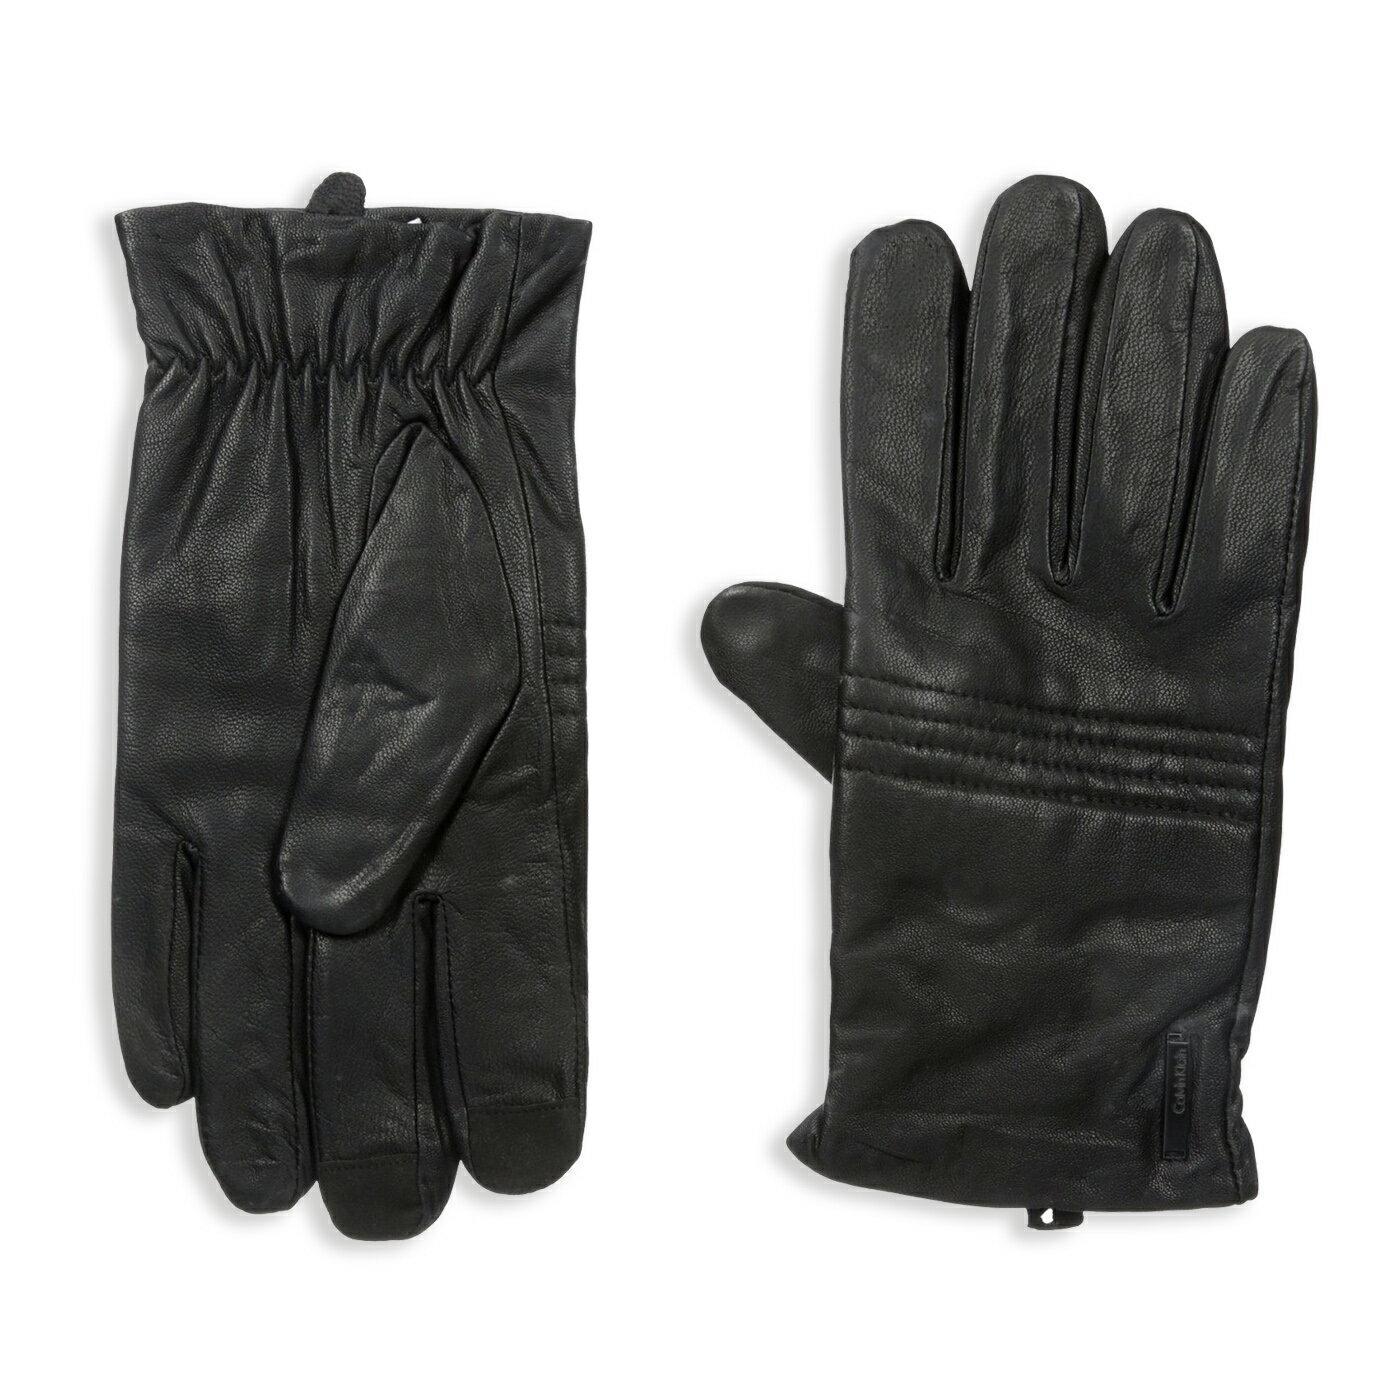 美國百分百【全新真品】Calvin Klein 手套 CK 防寒 保暖 皮質 皮手套 配件 騎士 黑 M L號 F994